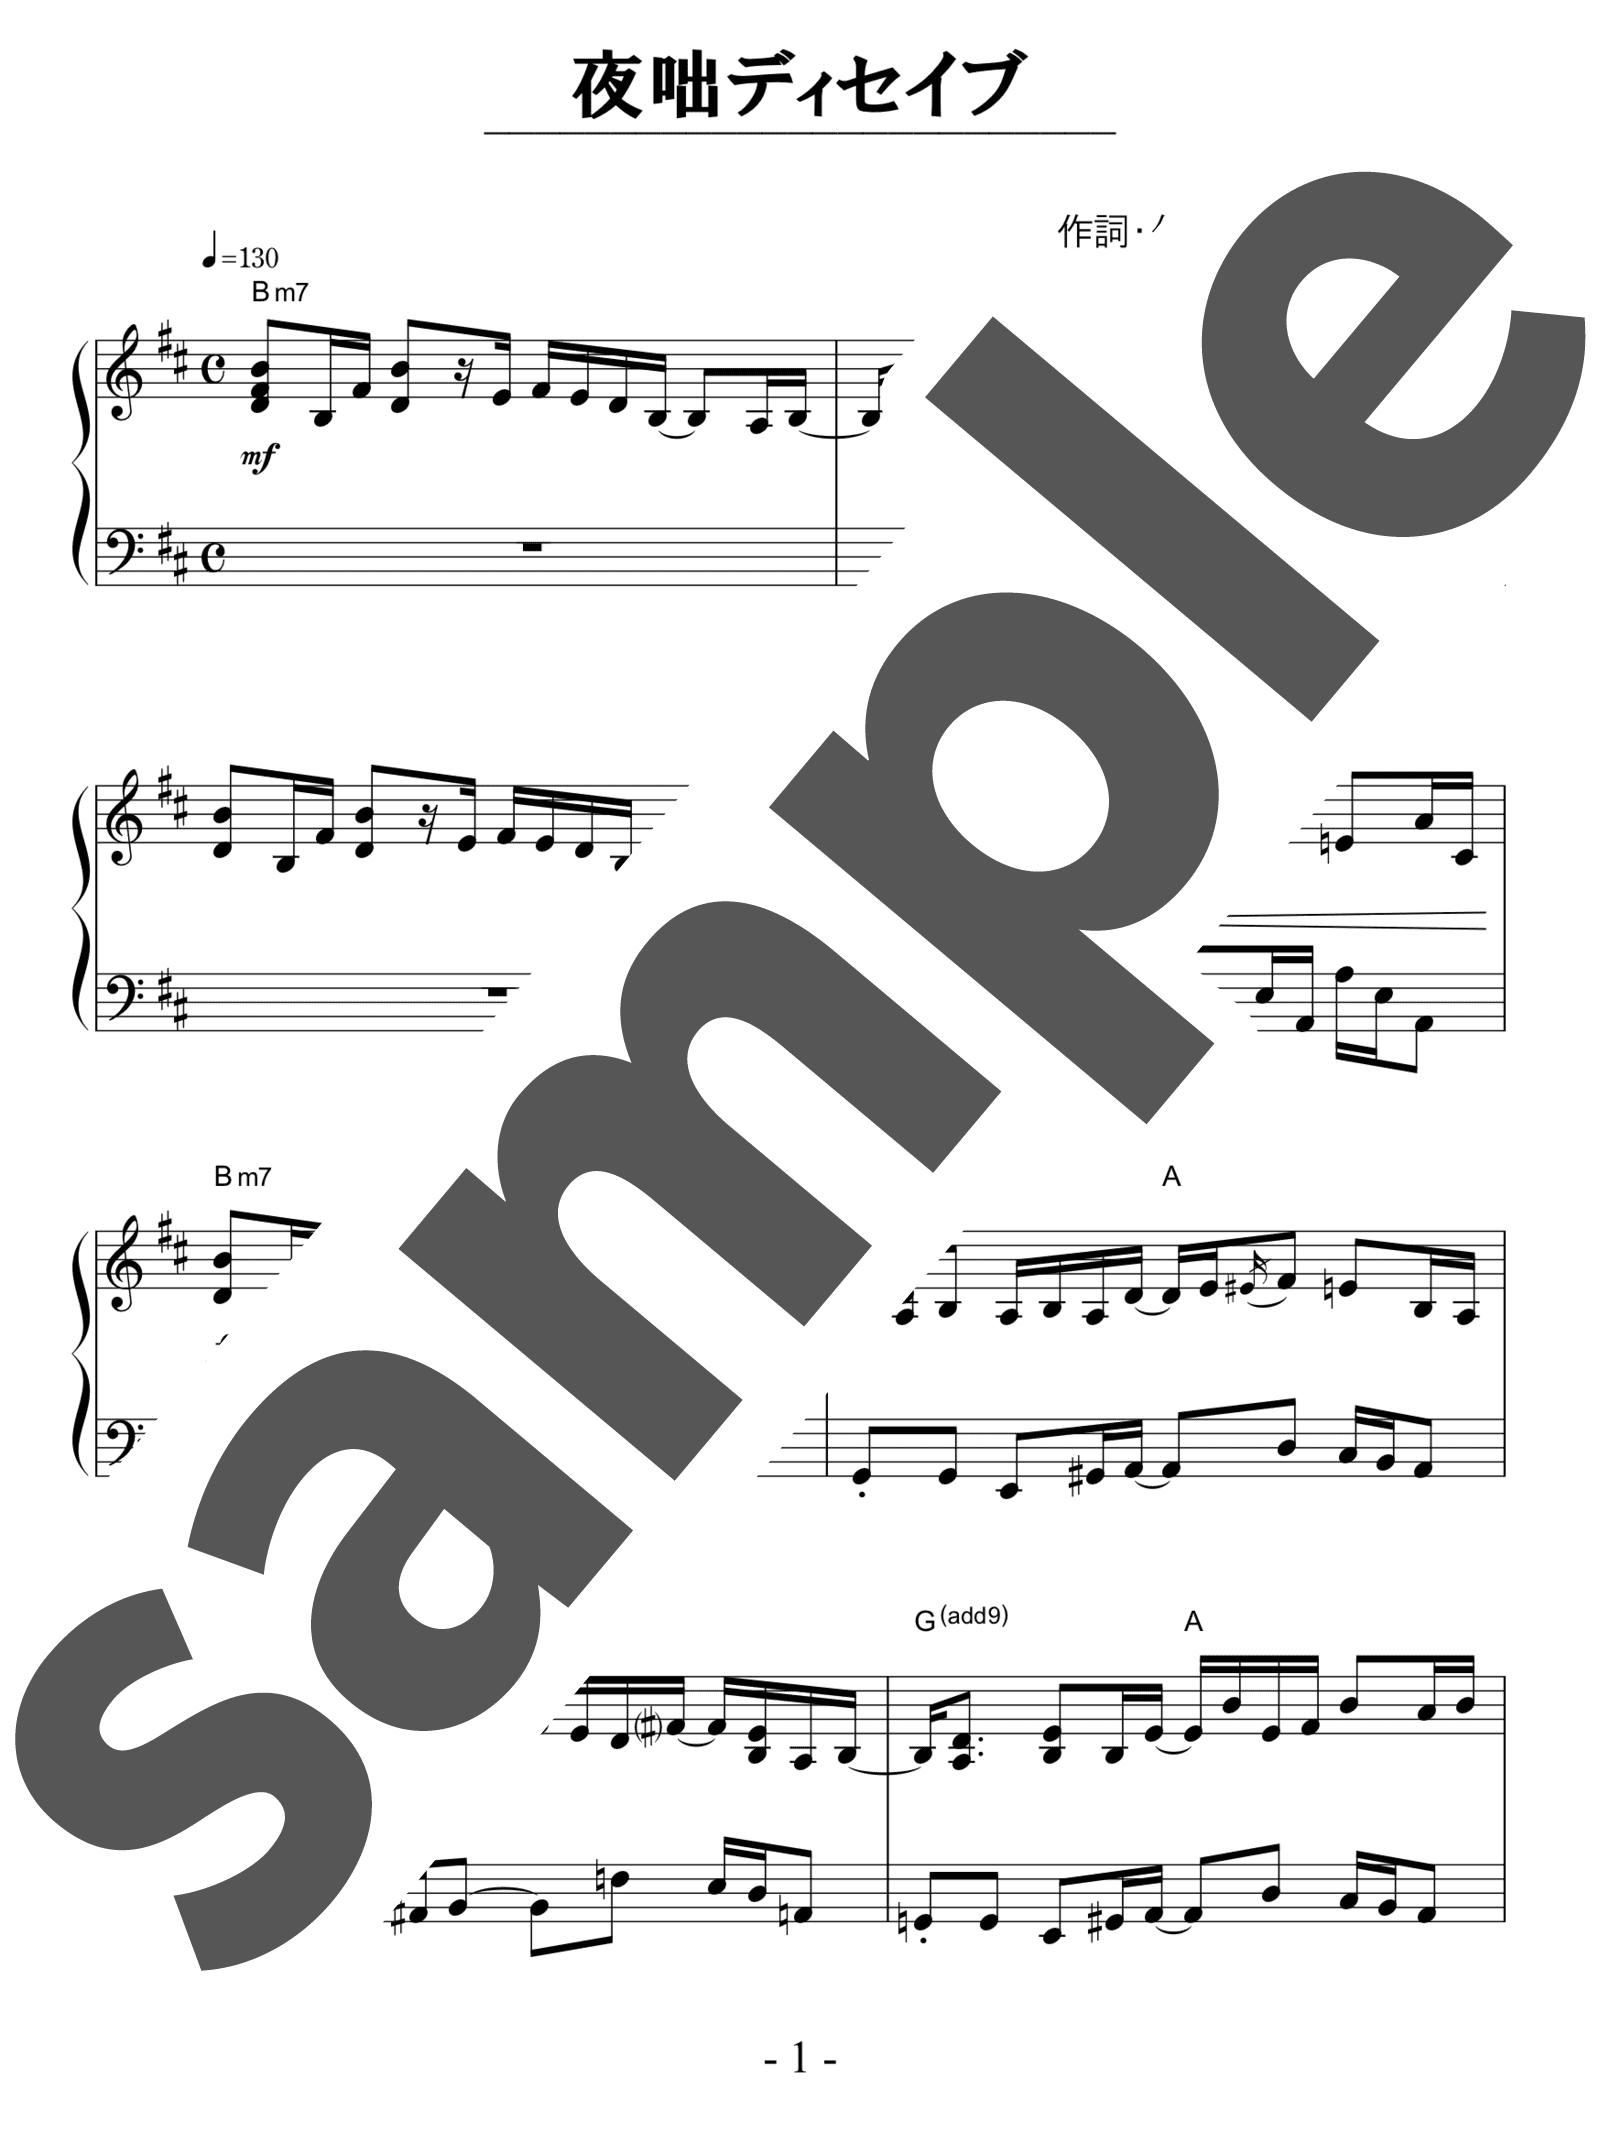 「夜咄ディセイブ」のサンプル楽譜